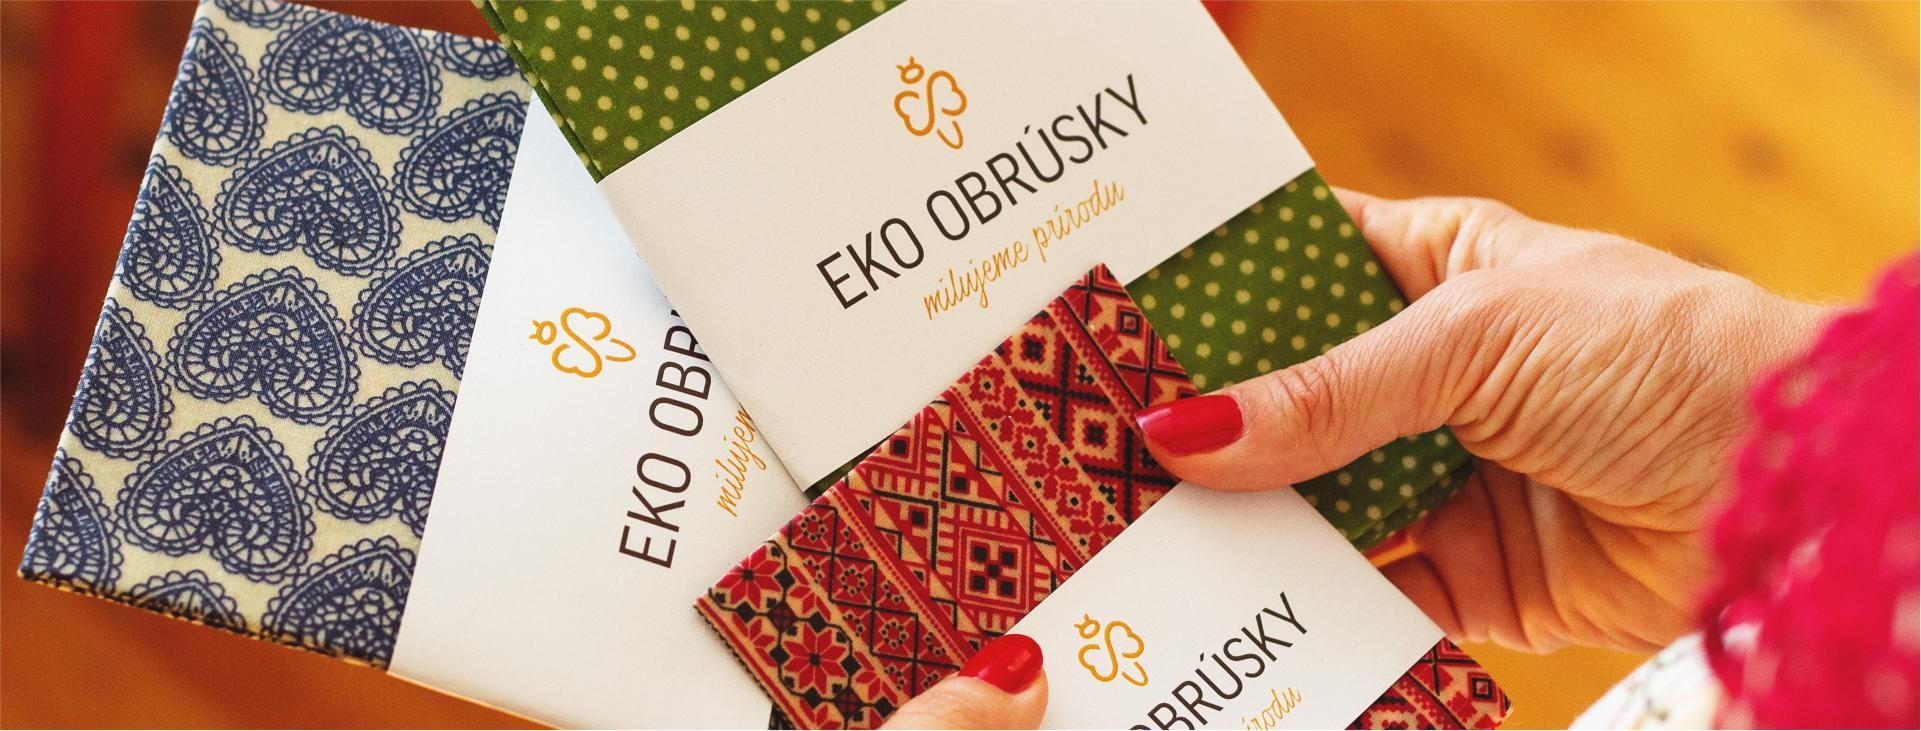 Voskované Eko Obrusky | Joeshop.sk